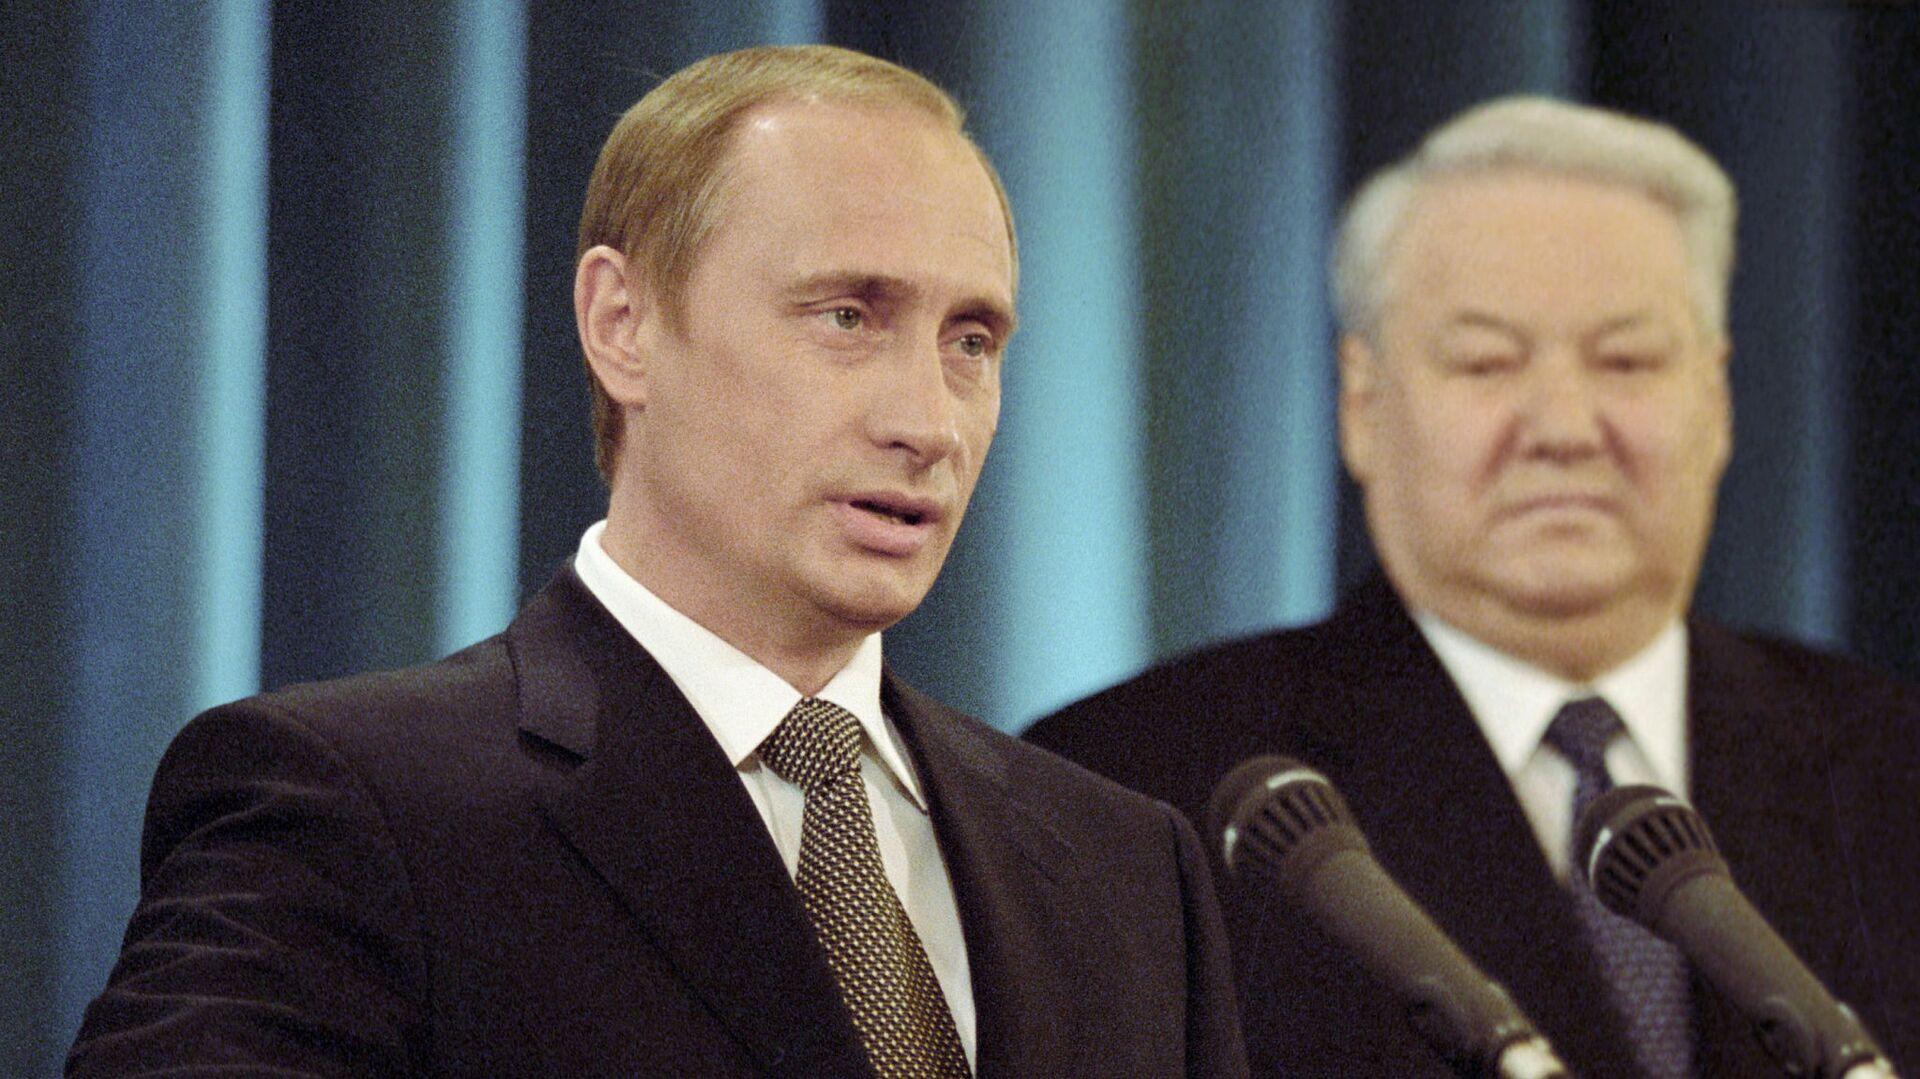 Владимир Путин дает присягу Президента Российской Федерации. Май 2000  - РИА Новости, 1920, 07.05.2021